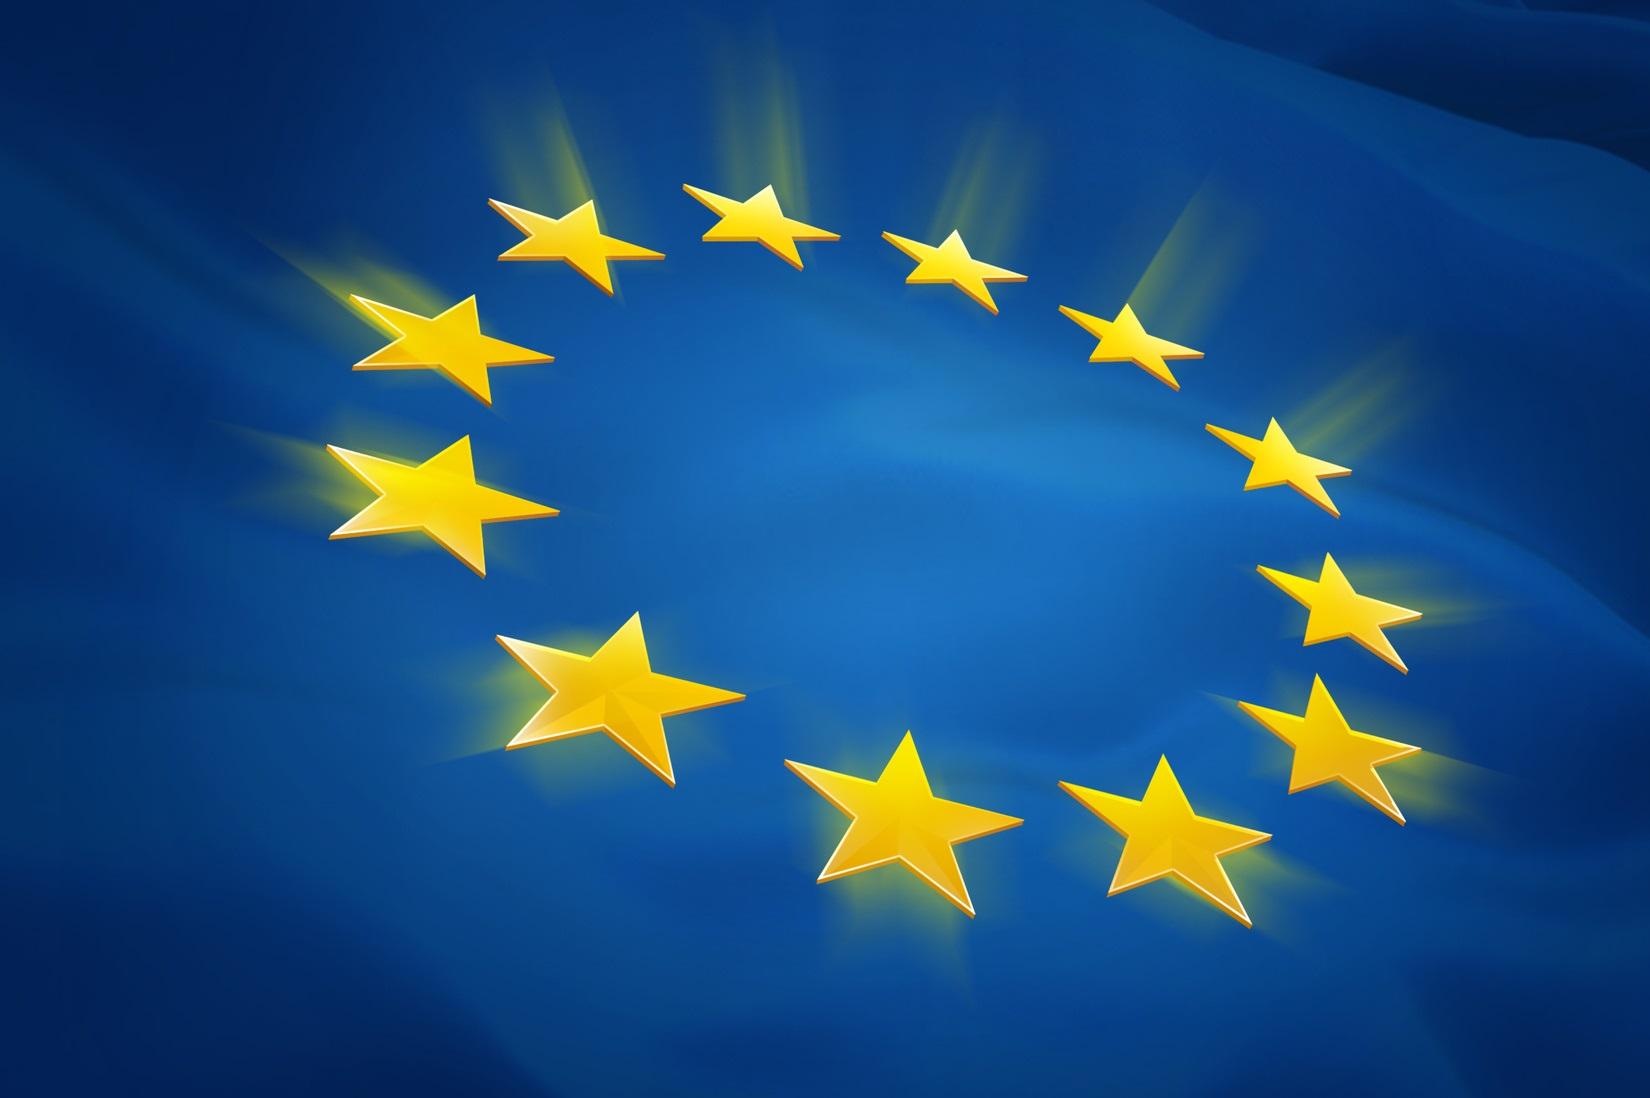 union stars flag